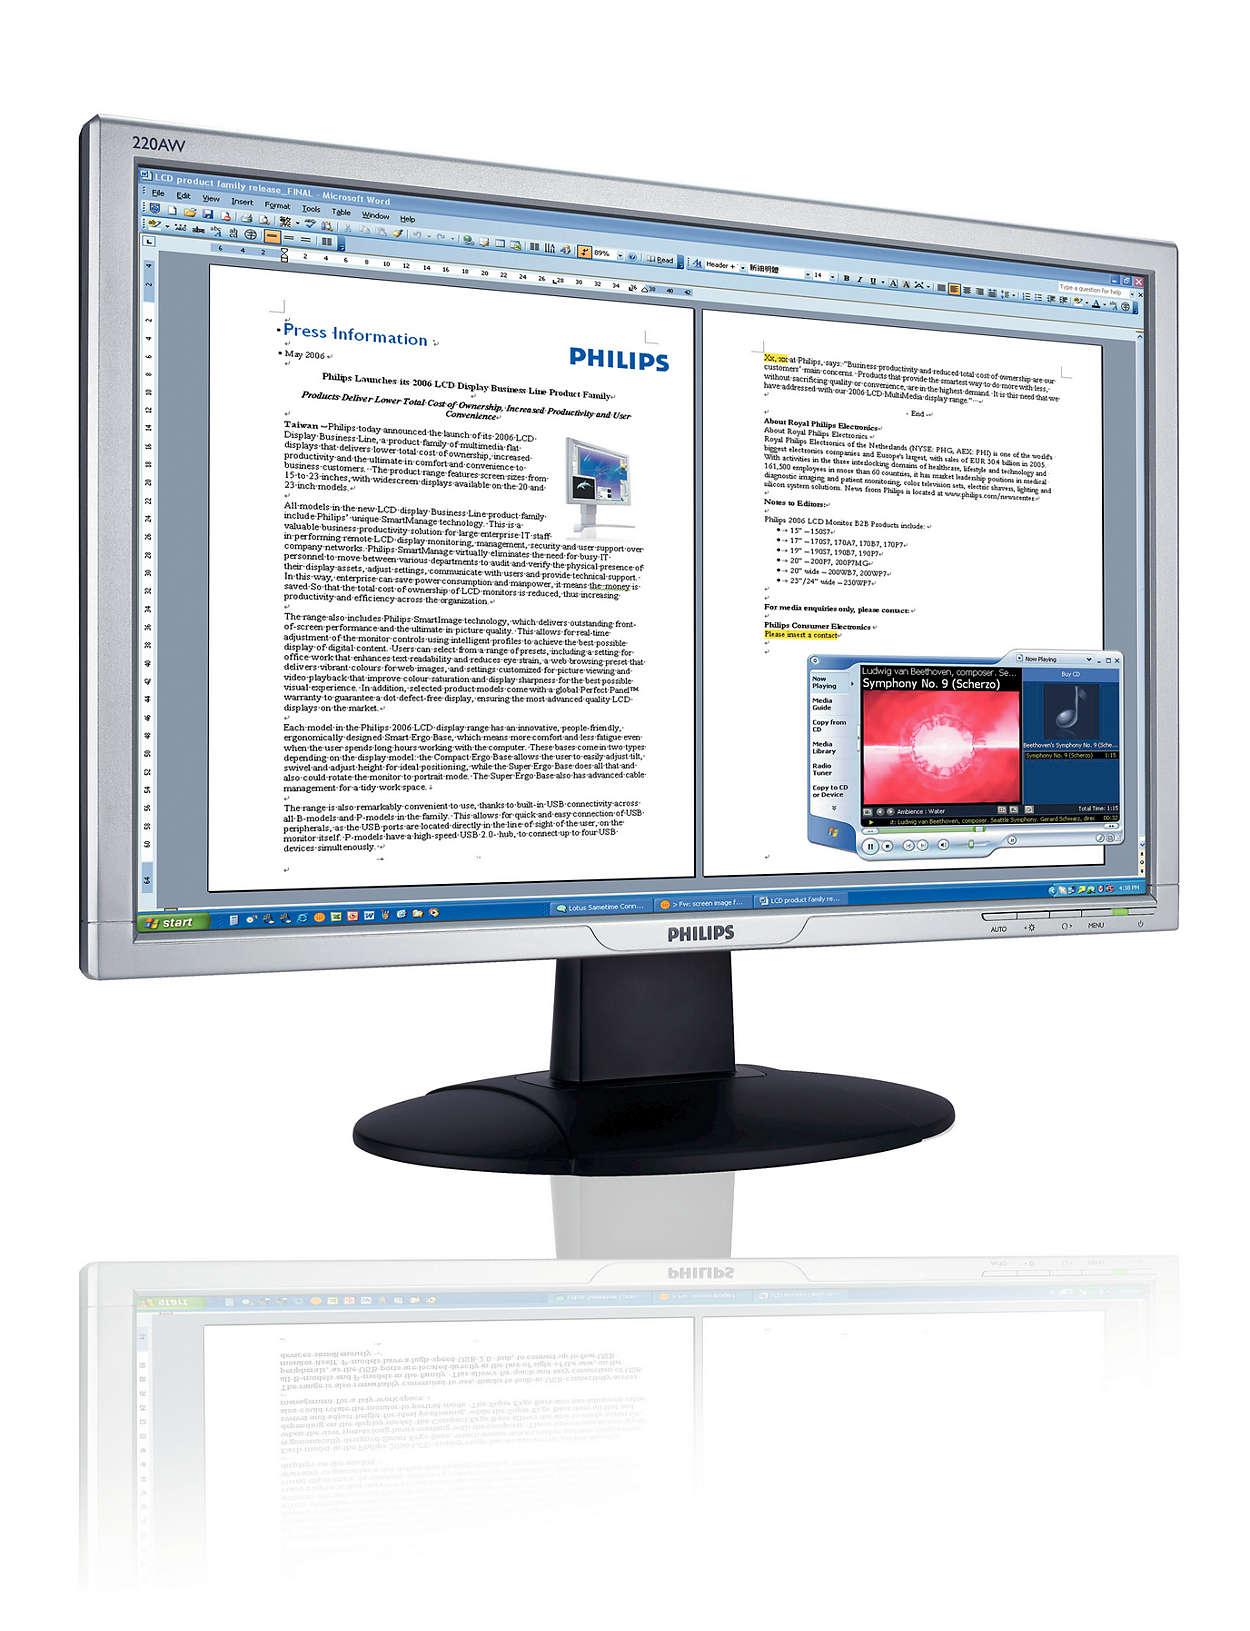 Wbudowane głośniki, szeroki ekran i wsparcie dla Windows Vista